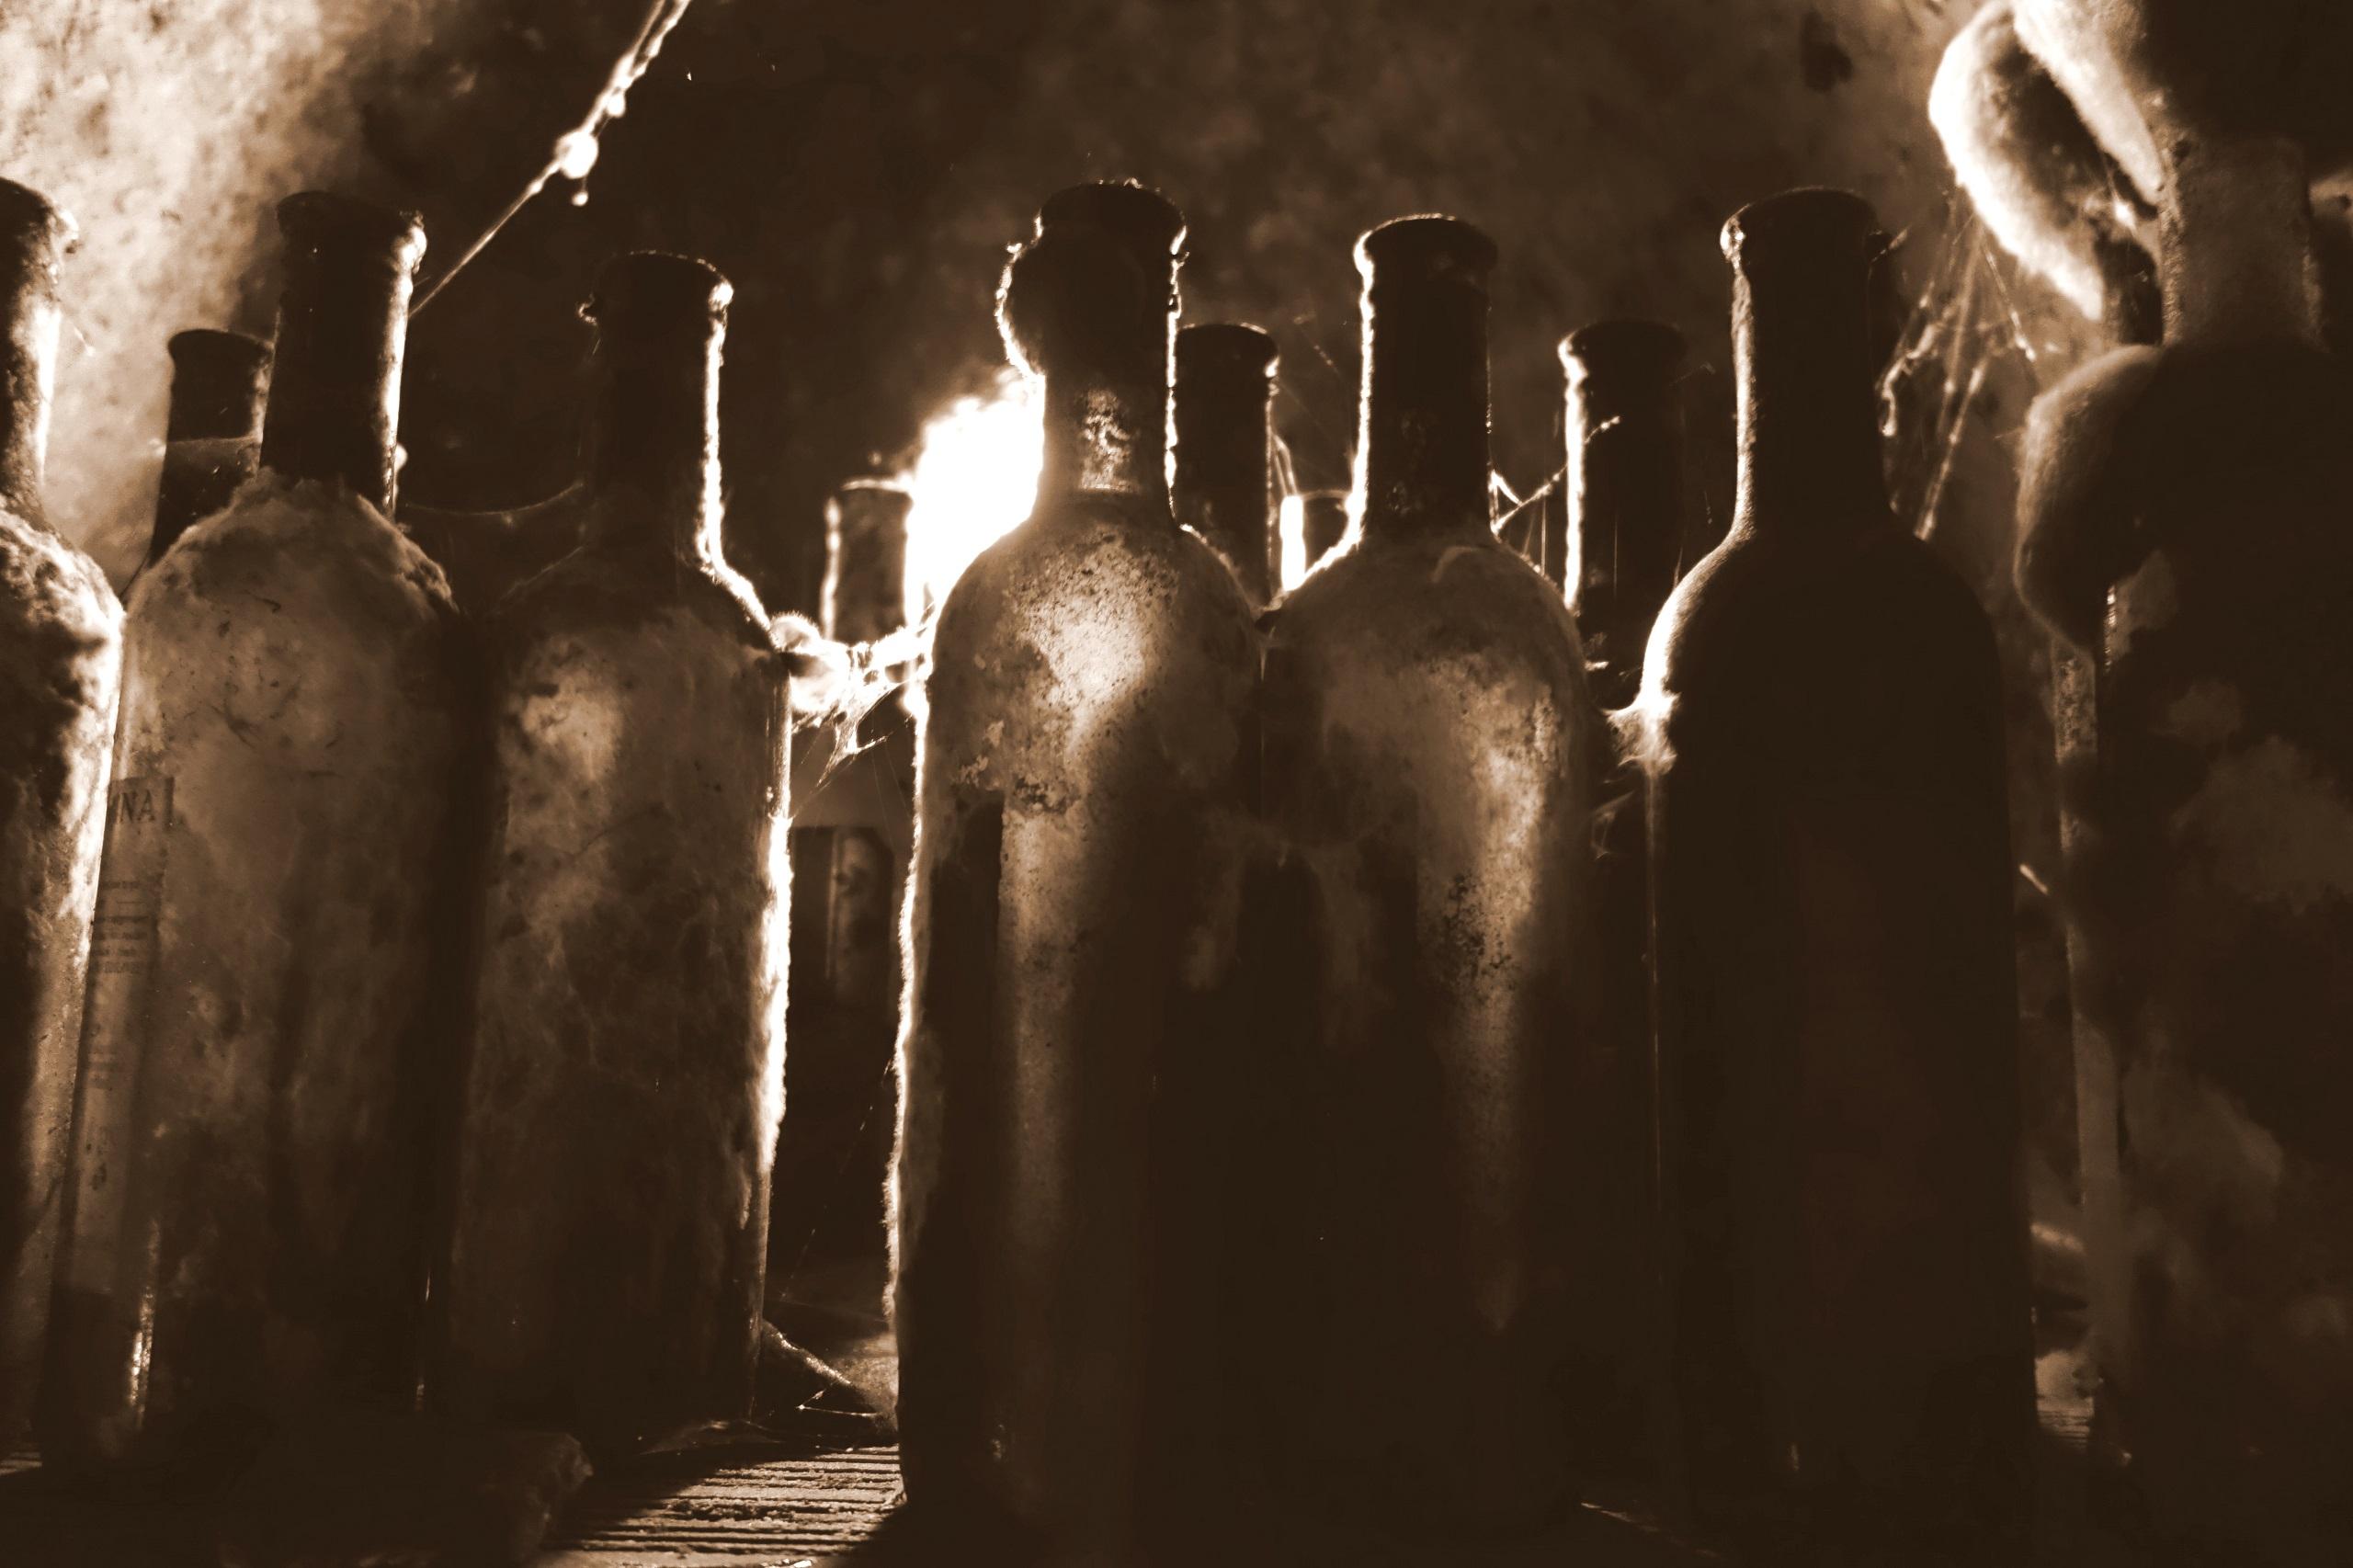 Piwnica w winiarni J & J Ostrožovič - Słowacki tokaj